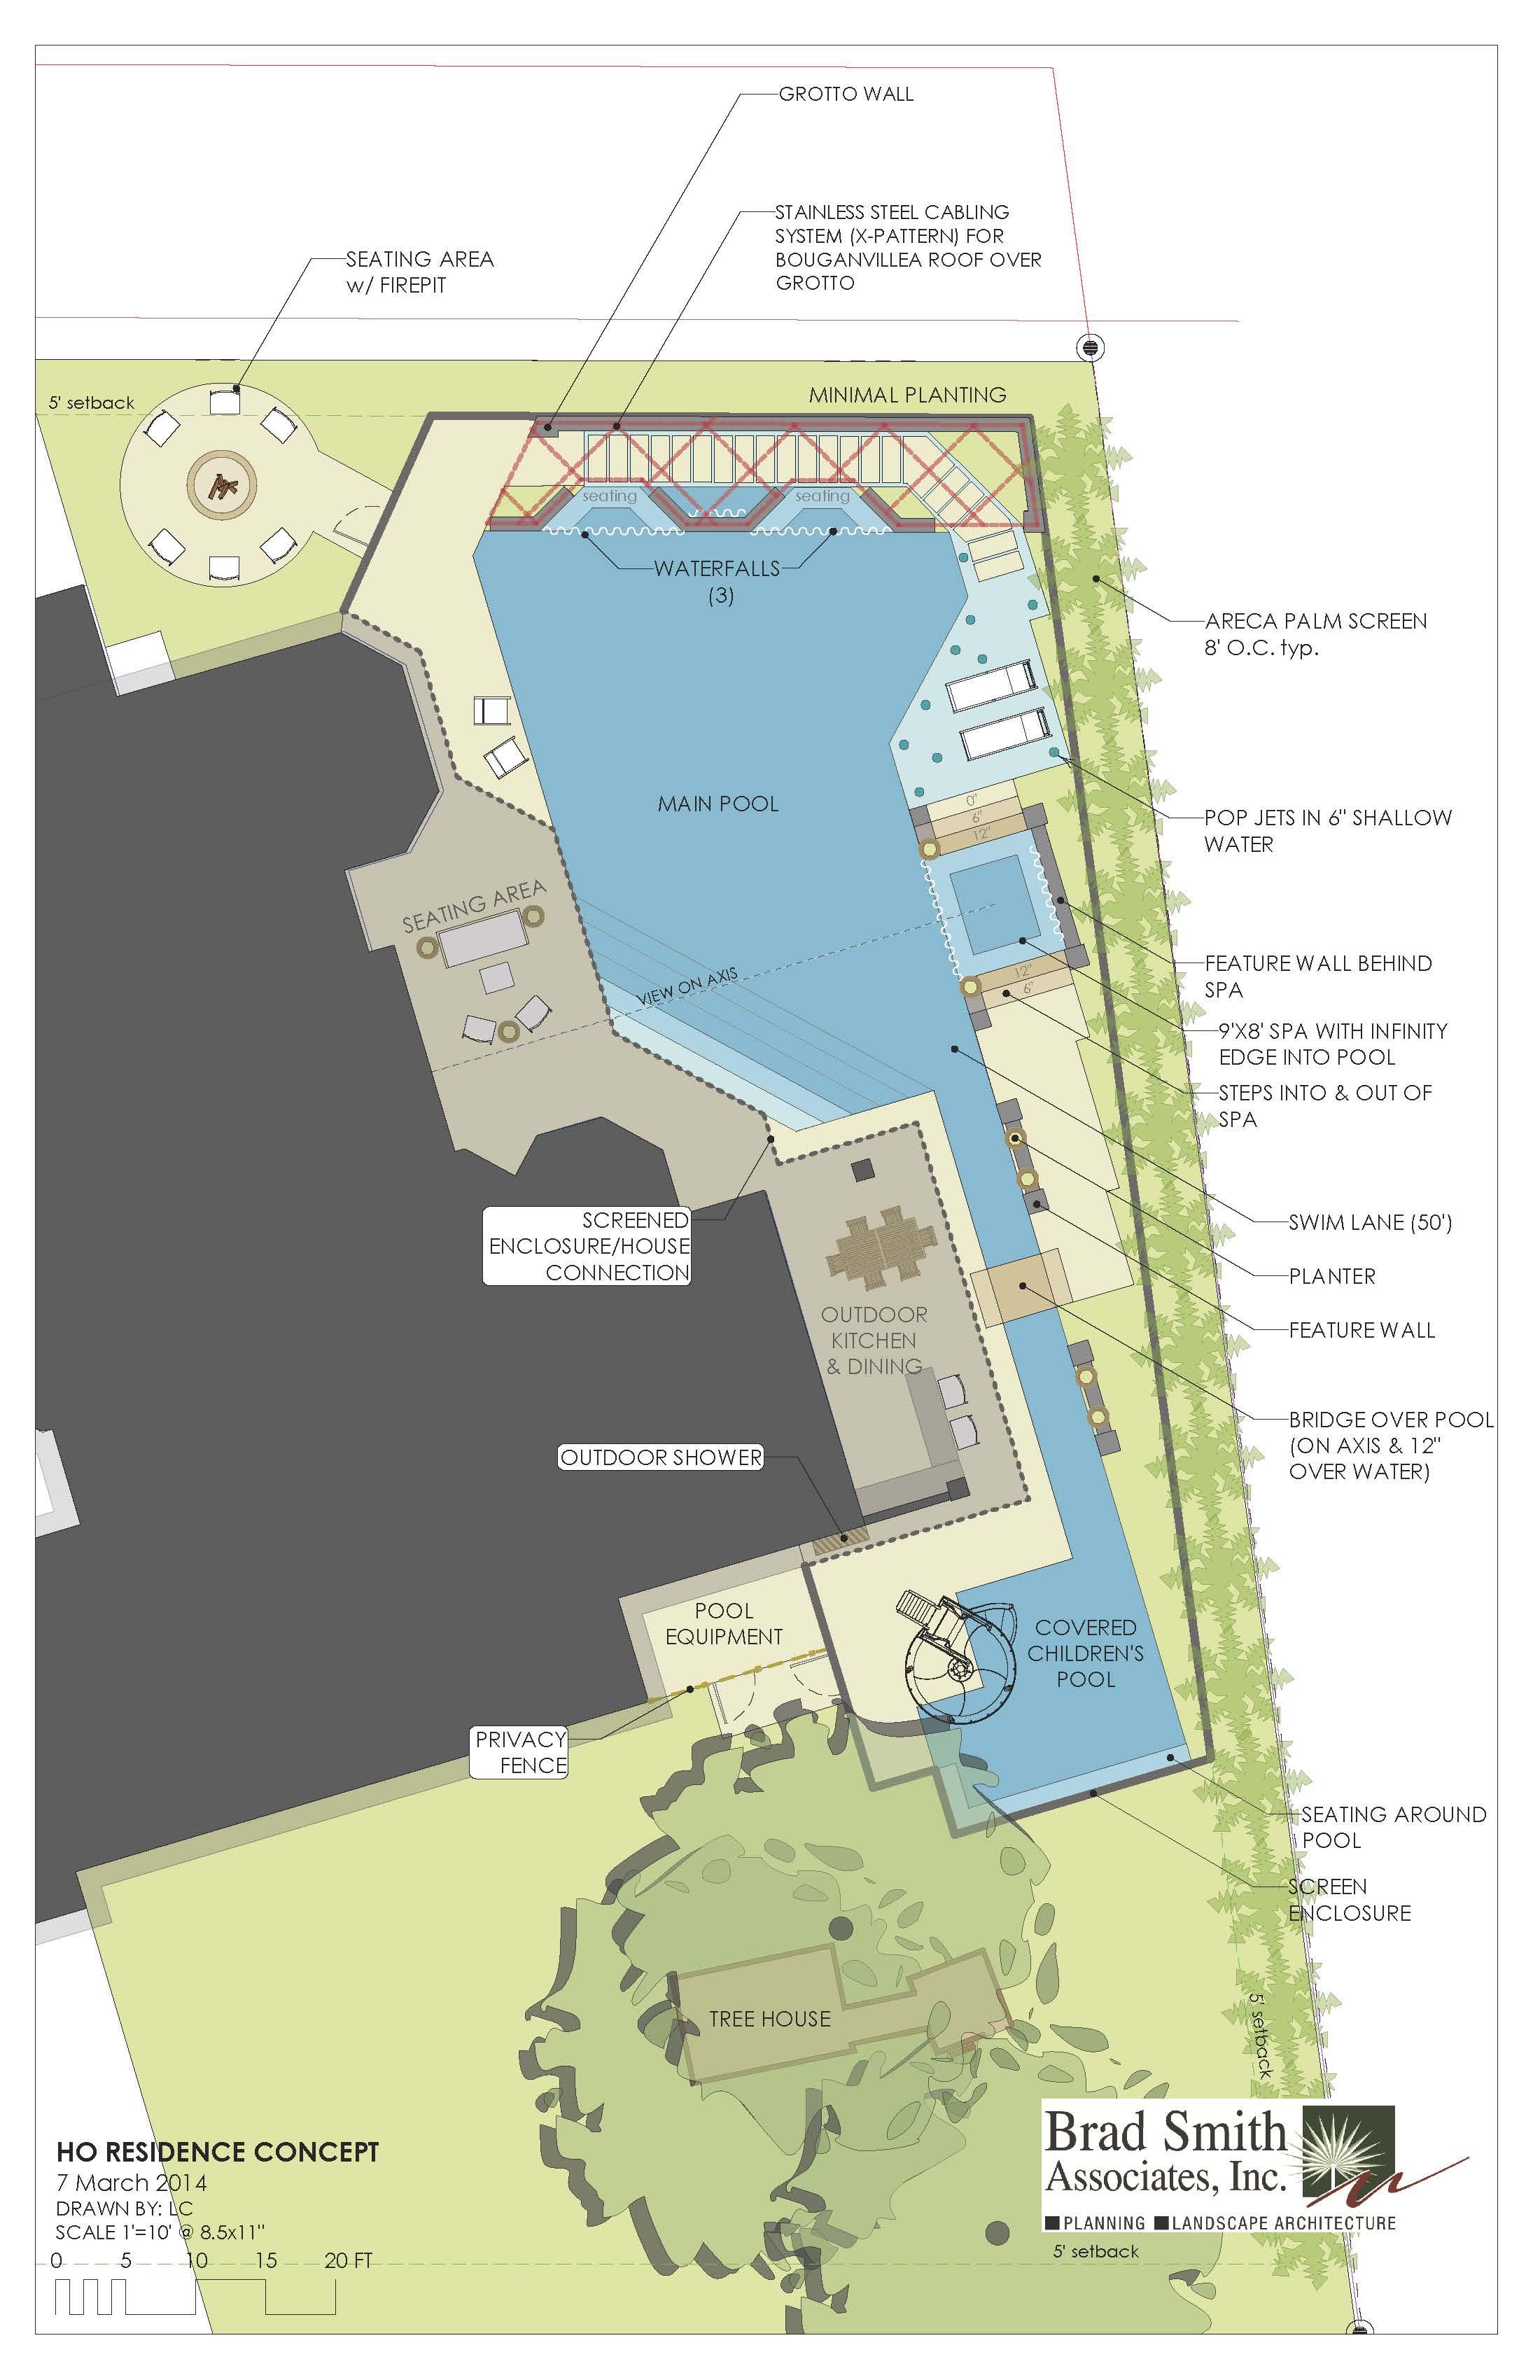 Final Design Concept - Plan View.jpg